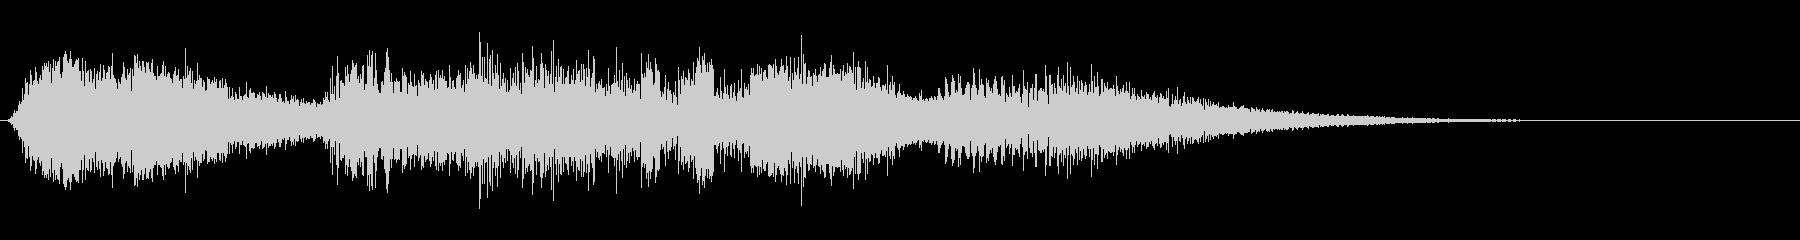 電波ノイズ、エイリアンの通信などにの未再生の波形